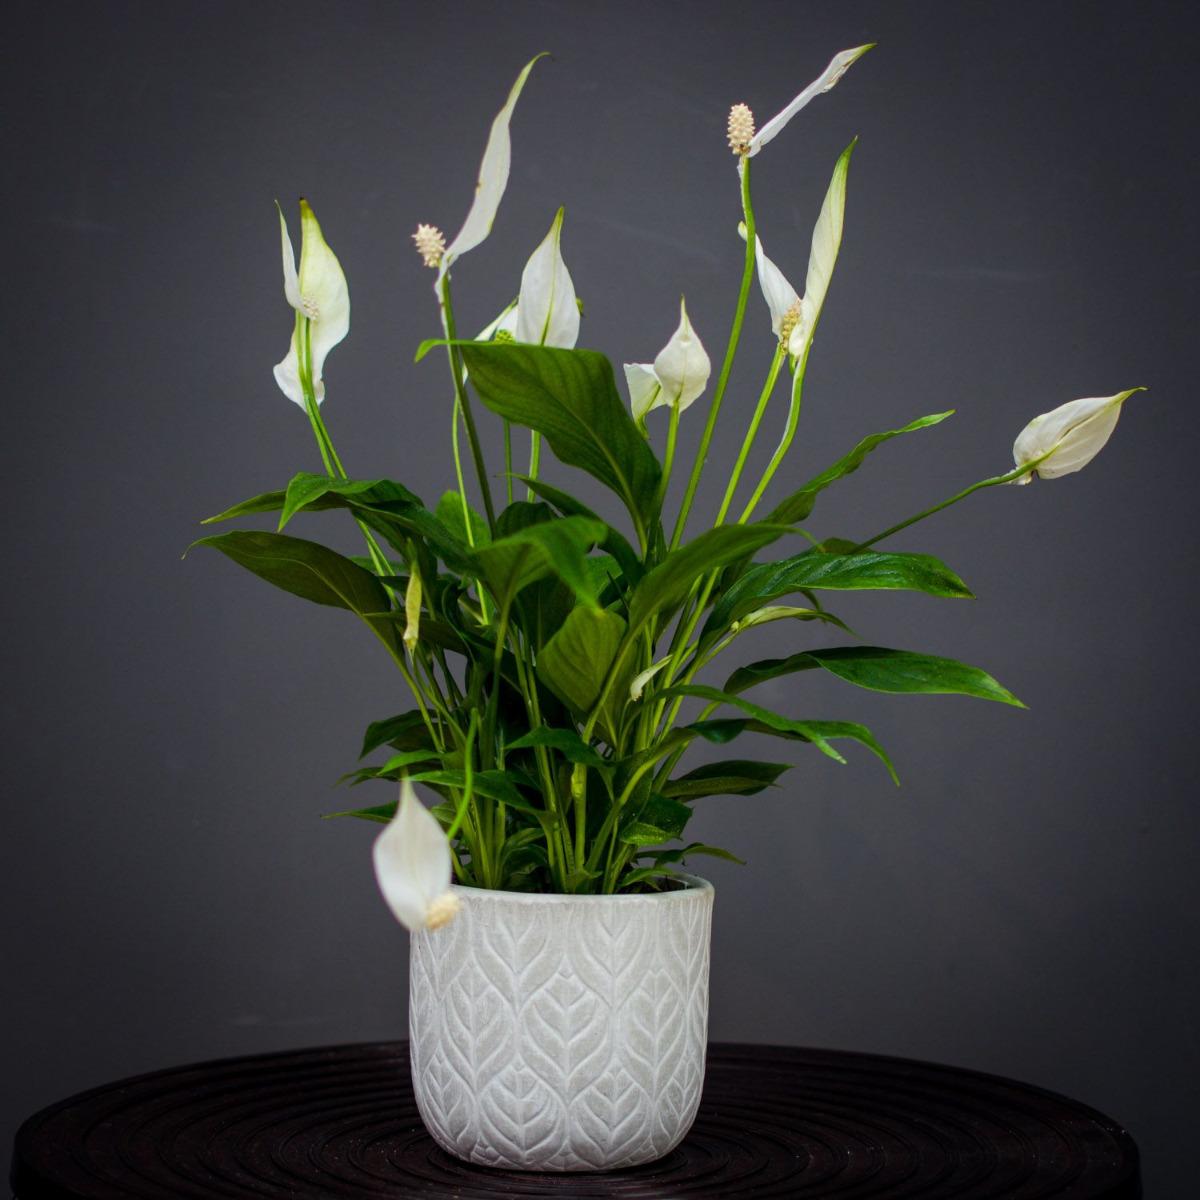 20bd2c17771 Viimaseks on õitsev taim tõlvlehik. Ainus, mida antud taime puhul tuleb  silmas pidada on, et tõlvlehik saaks piisavalt kasta, et ta ei oleks otsese  päikese ...